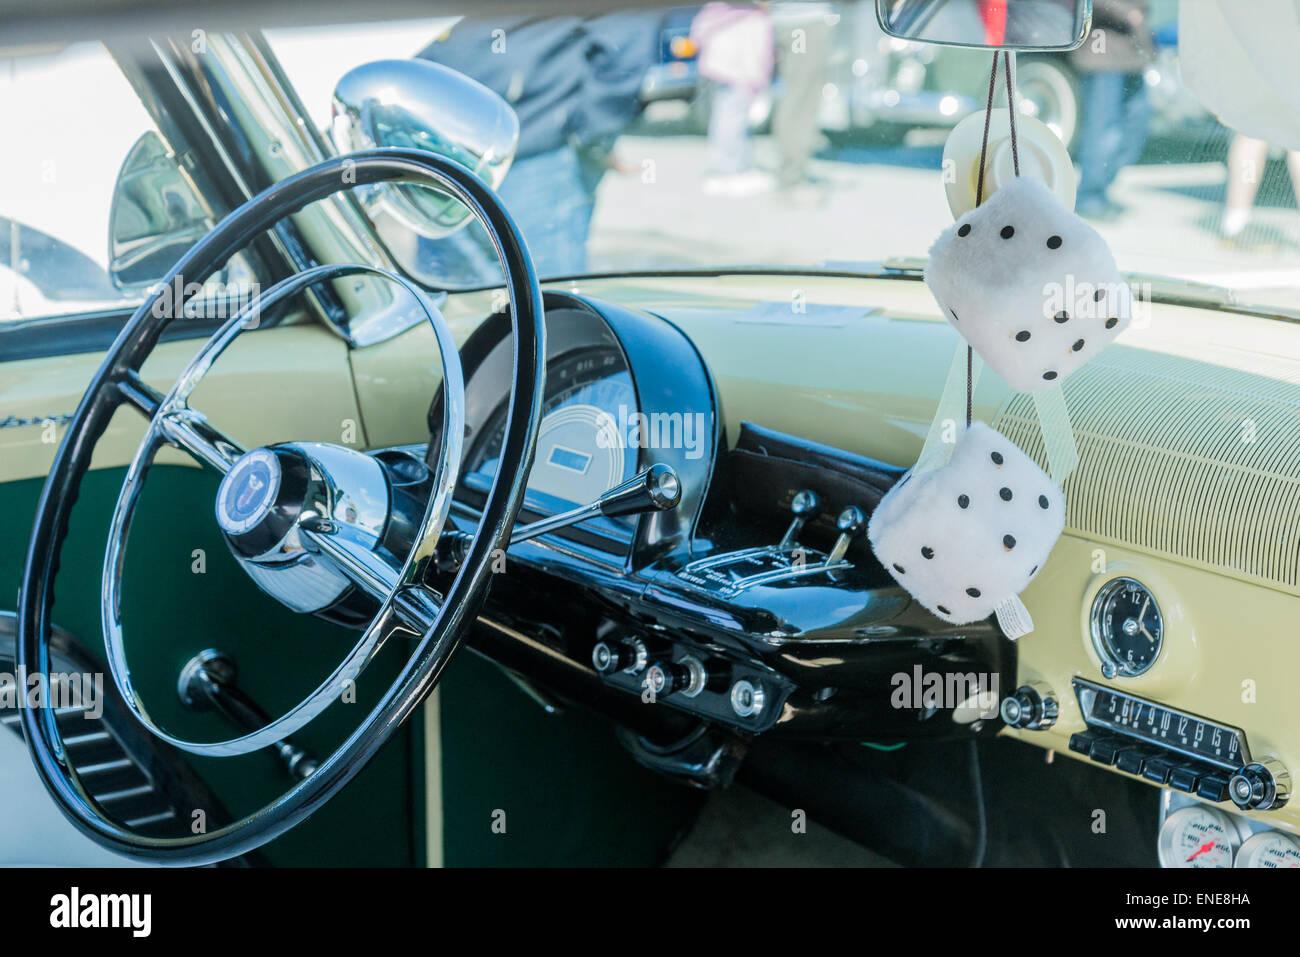 Fuzzy Dice von Rückspiegel des klassischen Automobils hängen. Stockbild